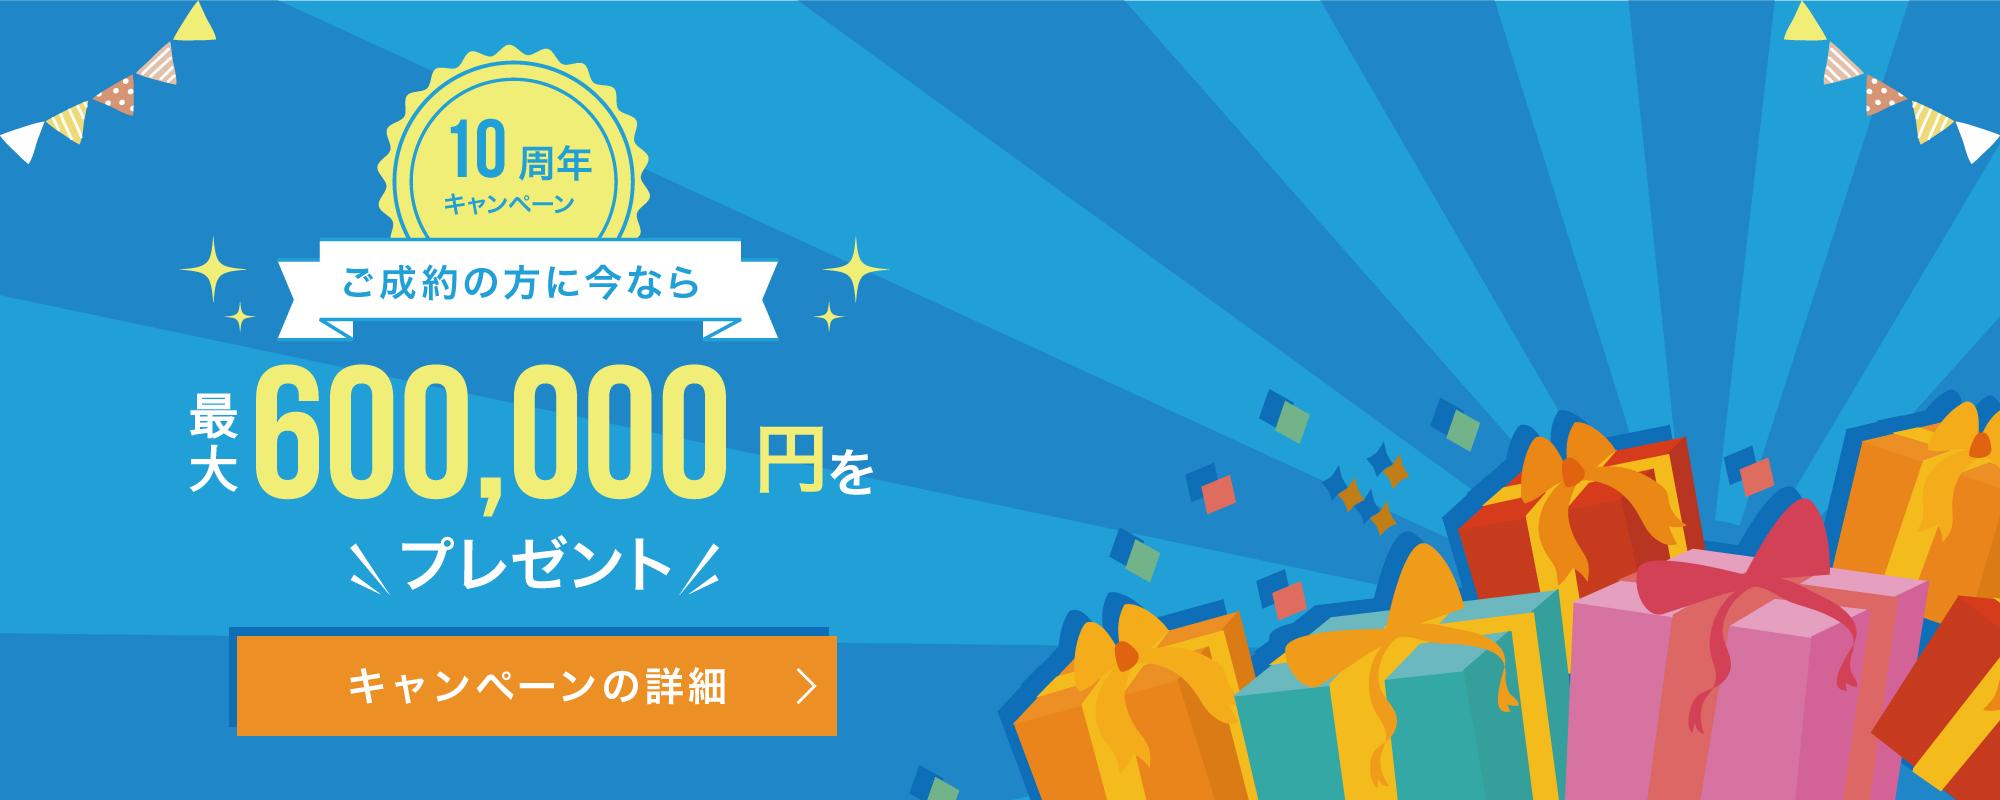 10周年キャンペーン ご成約の方に今なら最大600,000円をプレゼント 最安値保障を実施中